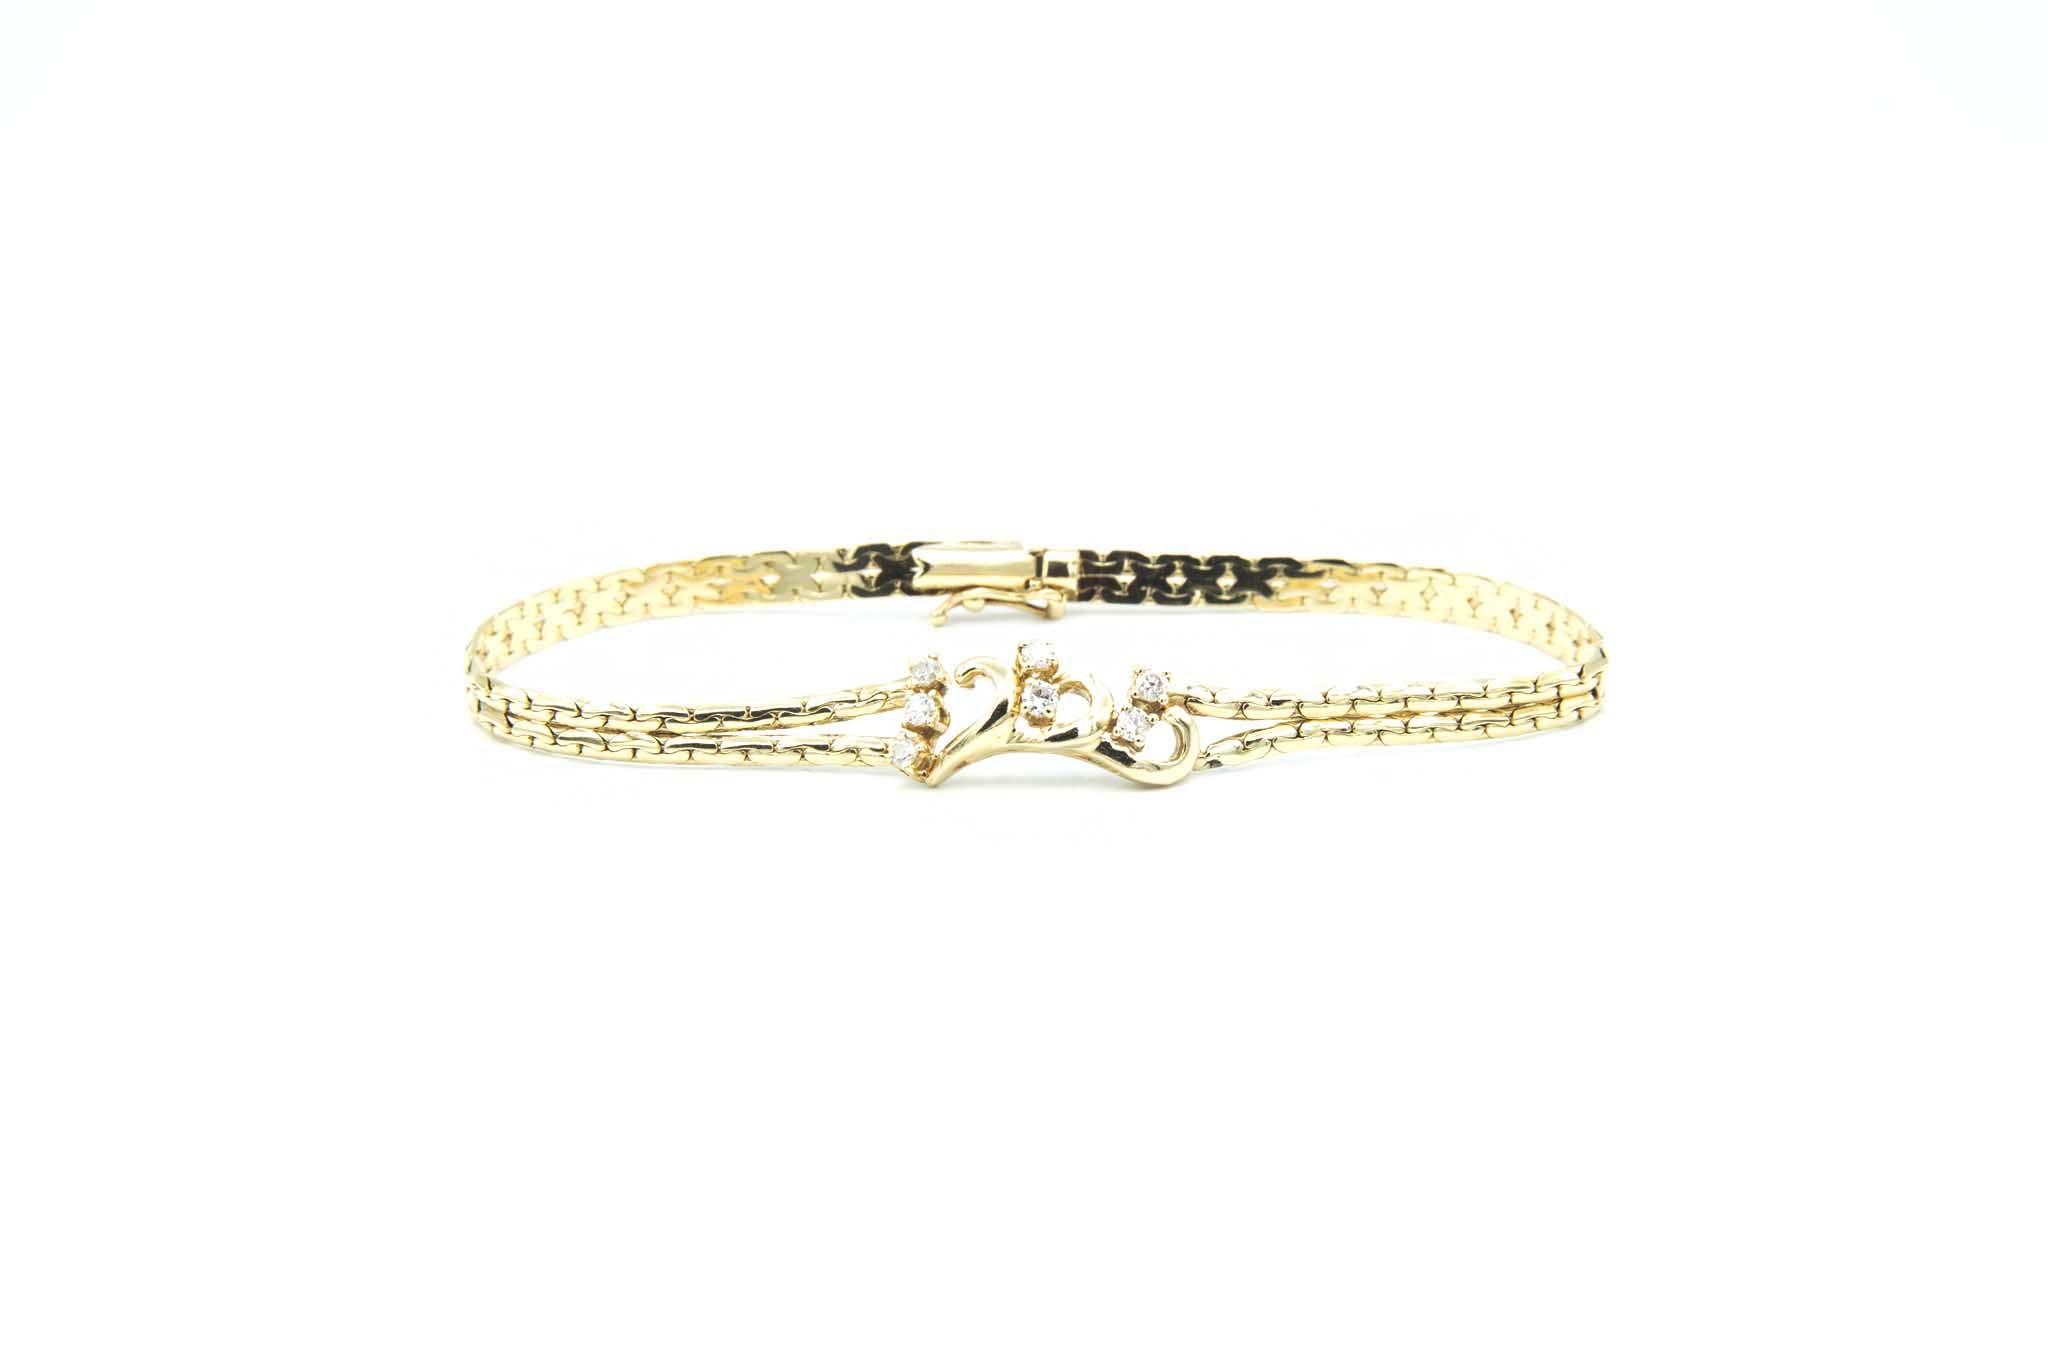 Armband met sierkrullen en zirkonia's-3